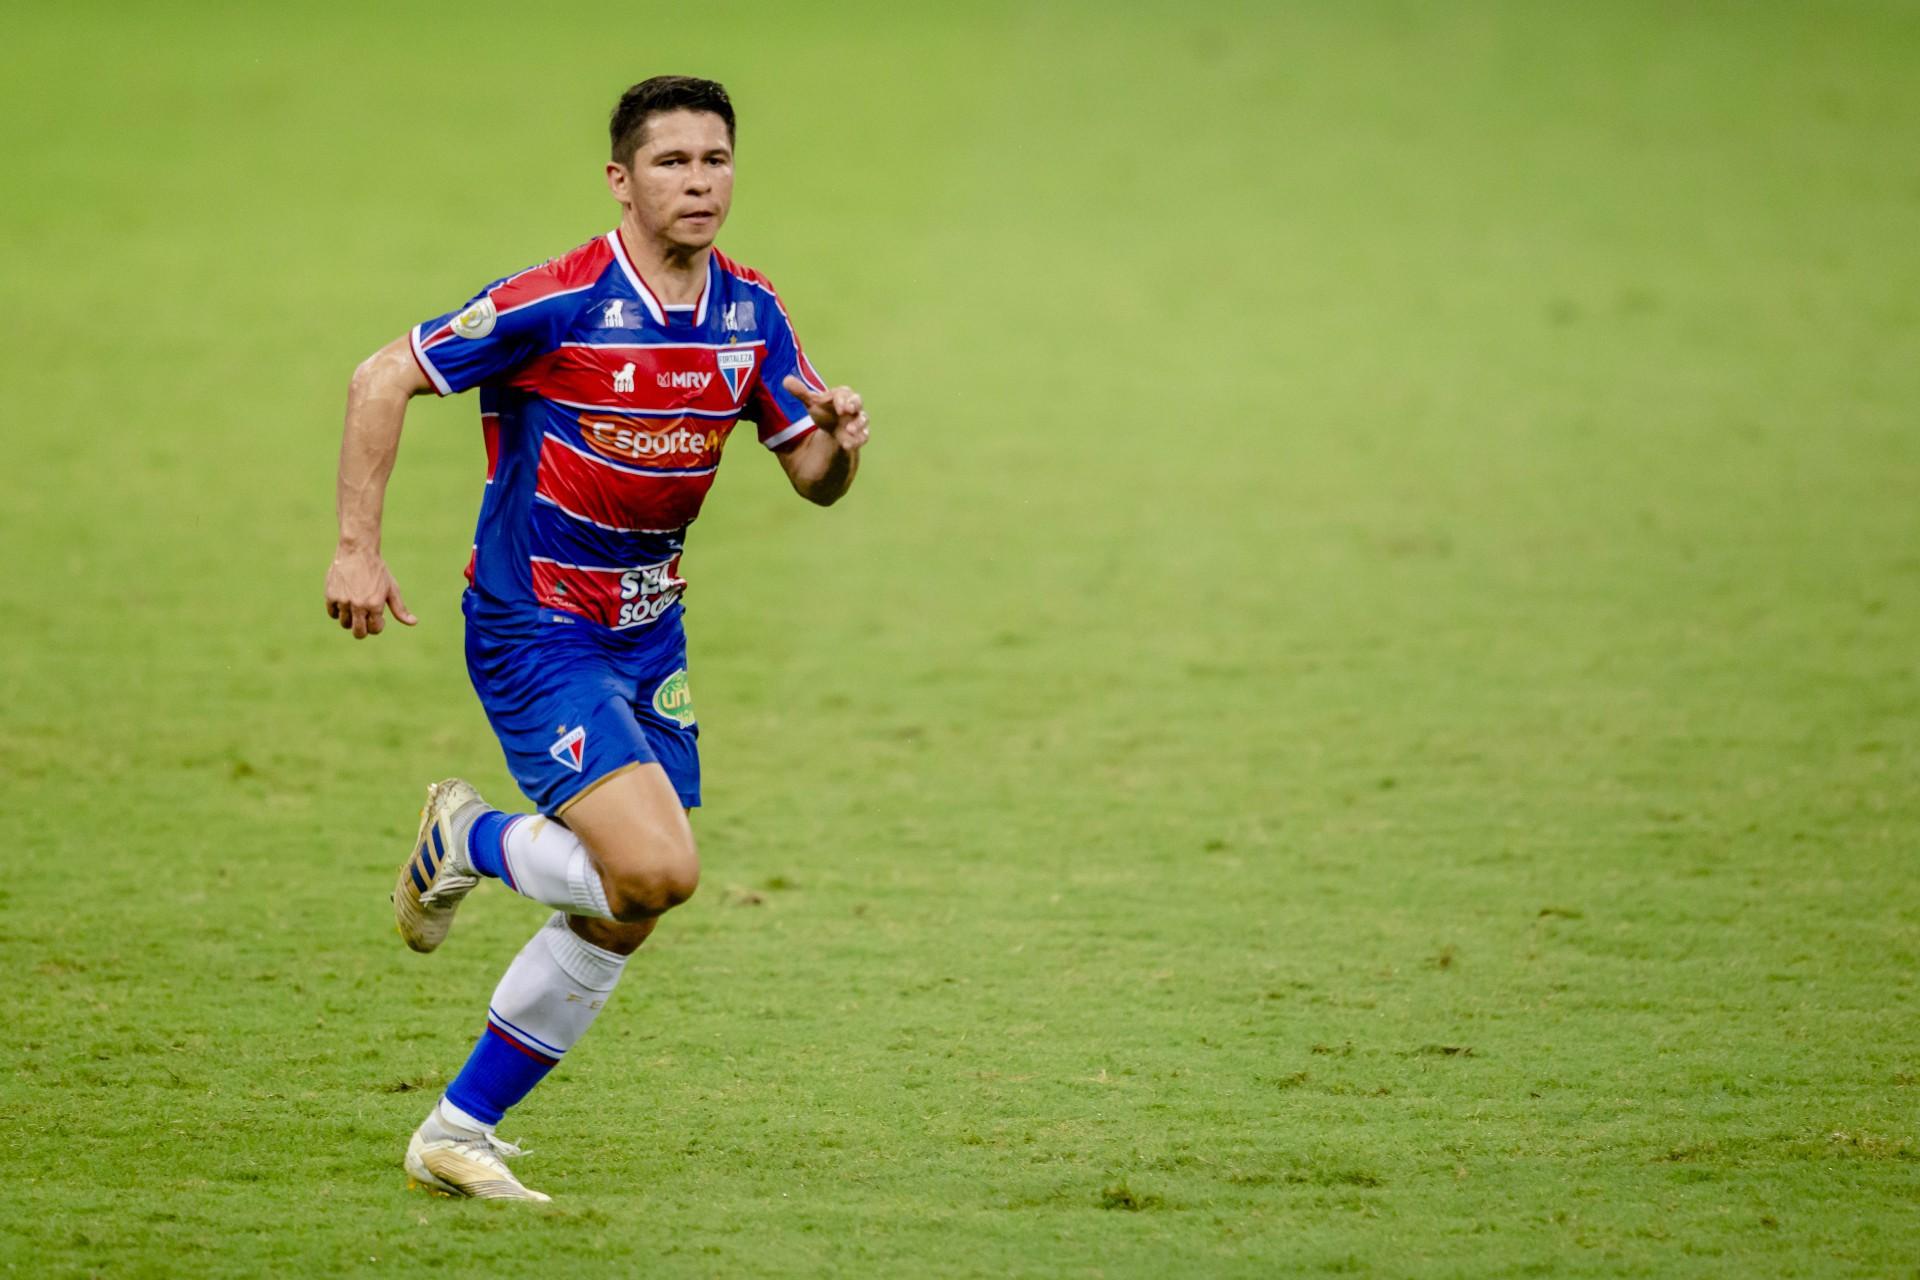 Osvaldo marcou um gol nos 34 jogos do Brasileirão 2020 que disputou.